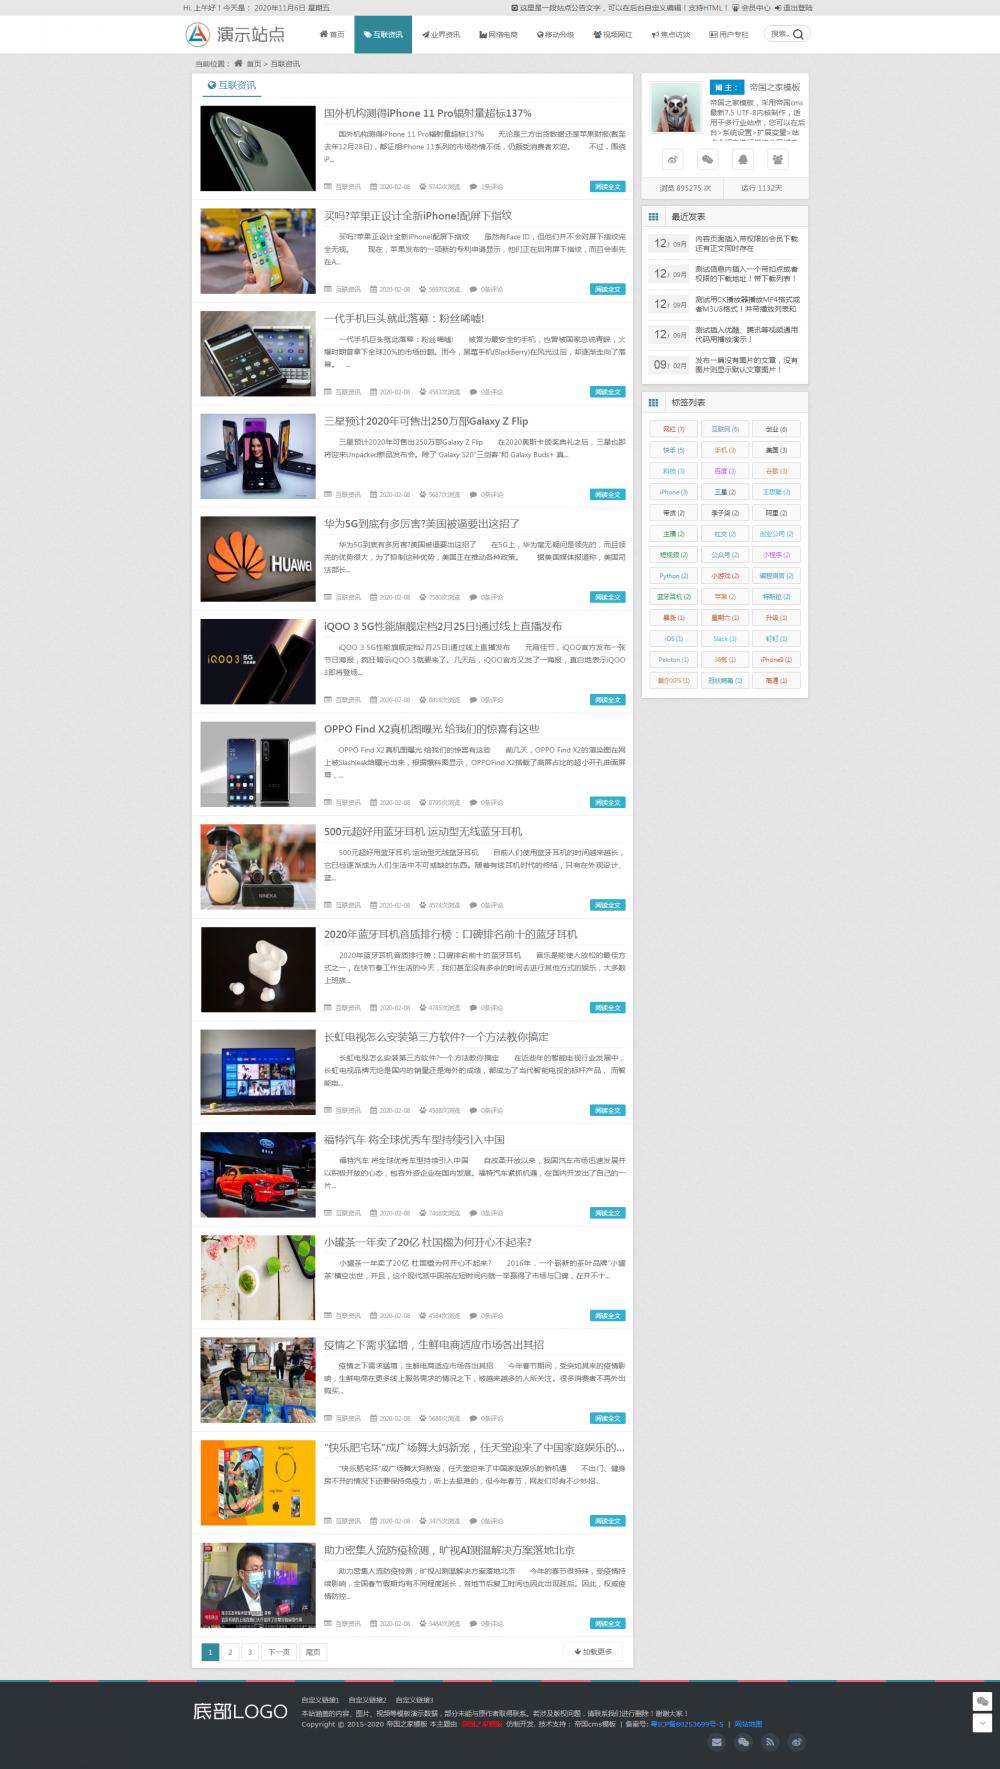 2新闻栏目页.png [DG-0166]响应式个人博客文章帝国cms模板 新闻资讯视频播放会员下载模板 博客文章 第2张